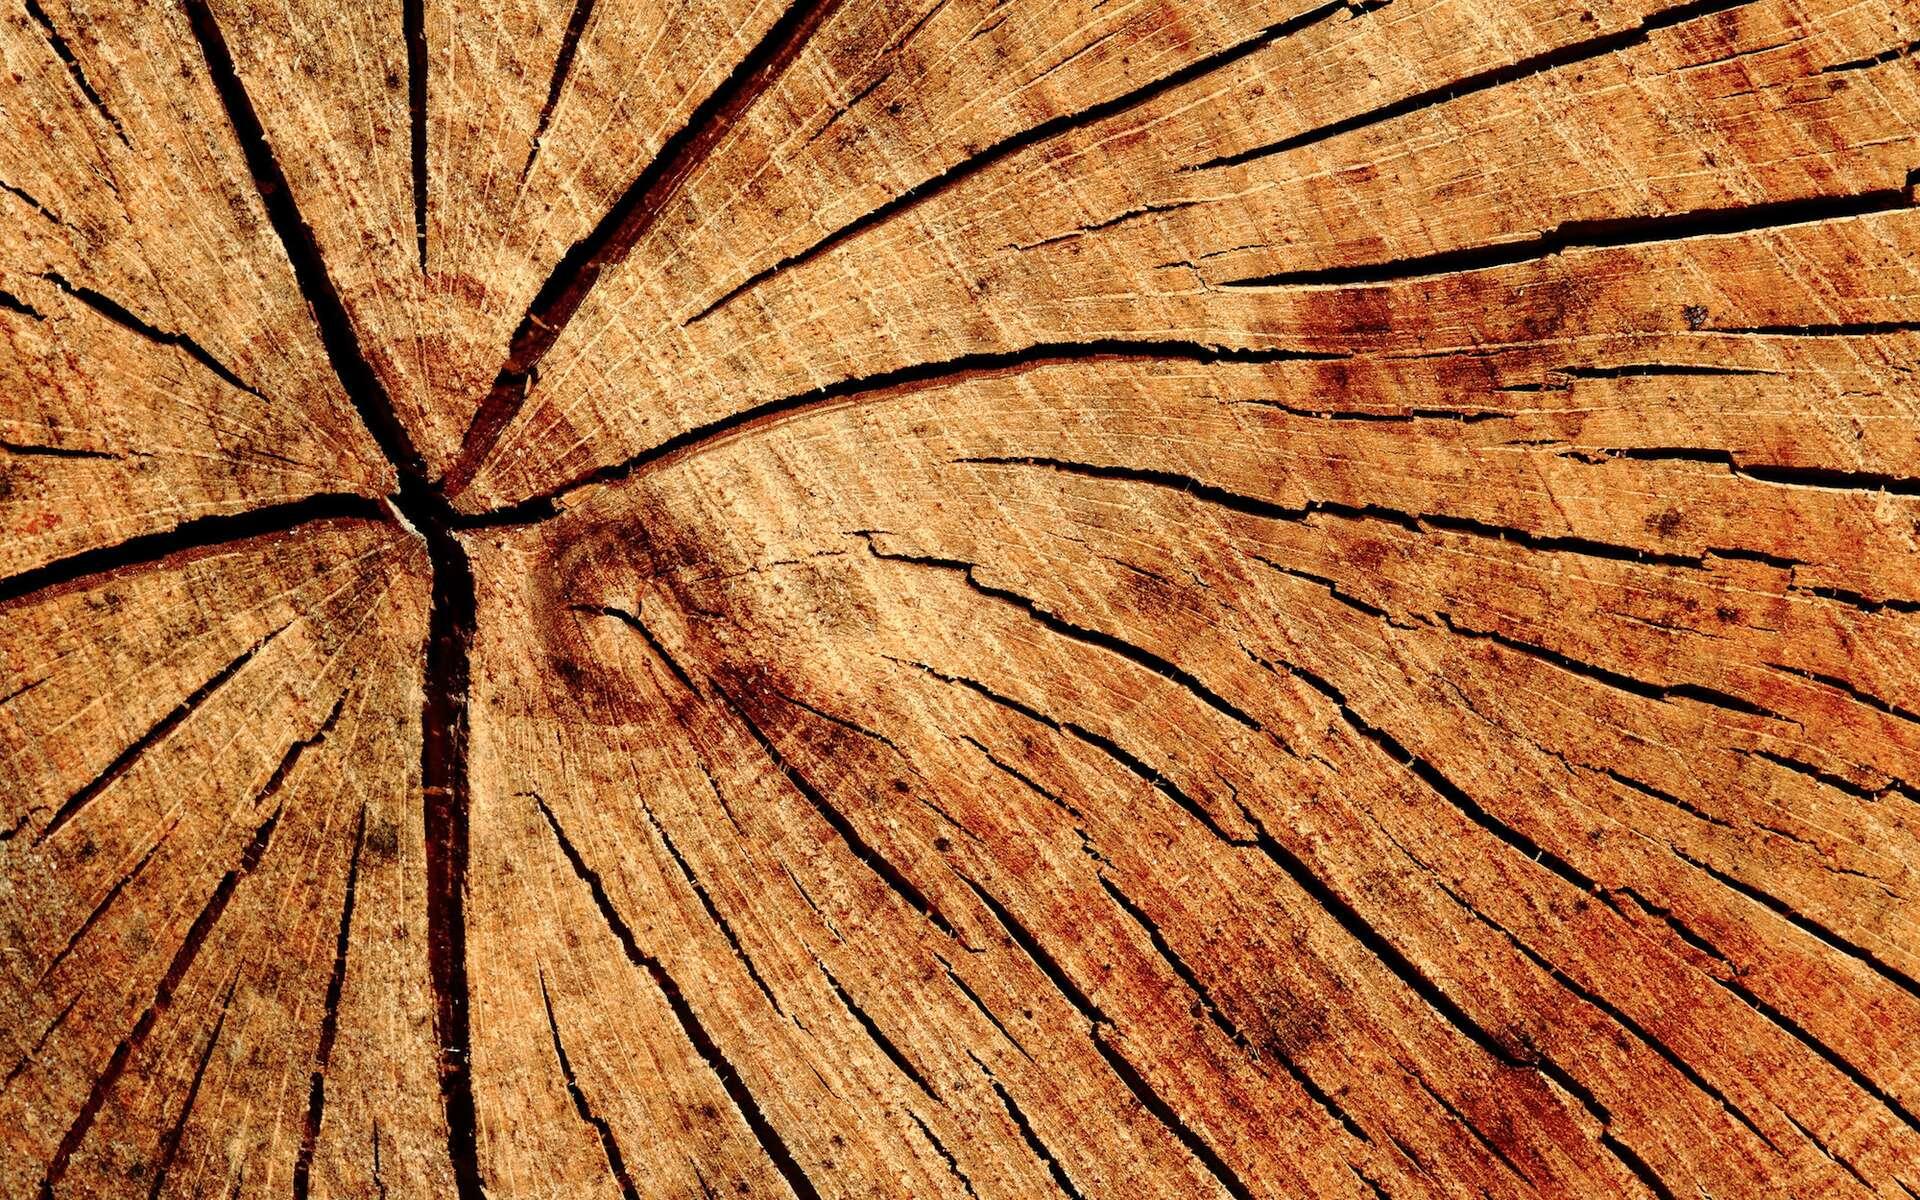 Le bois transparent mis au point par des chercheurs suédois prend un aspect translucide lorsqu'il libère la chaleur stockée. © Etienne, Flickr, CC by-nc-nd 2.0